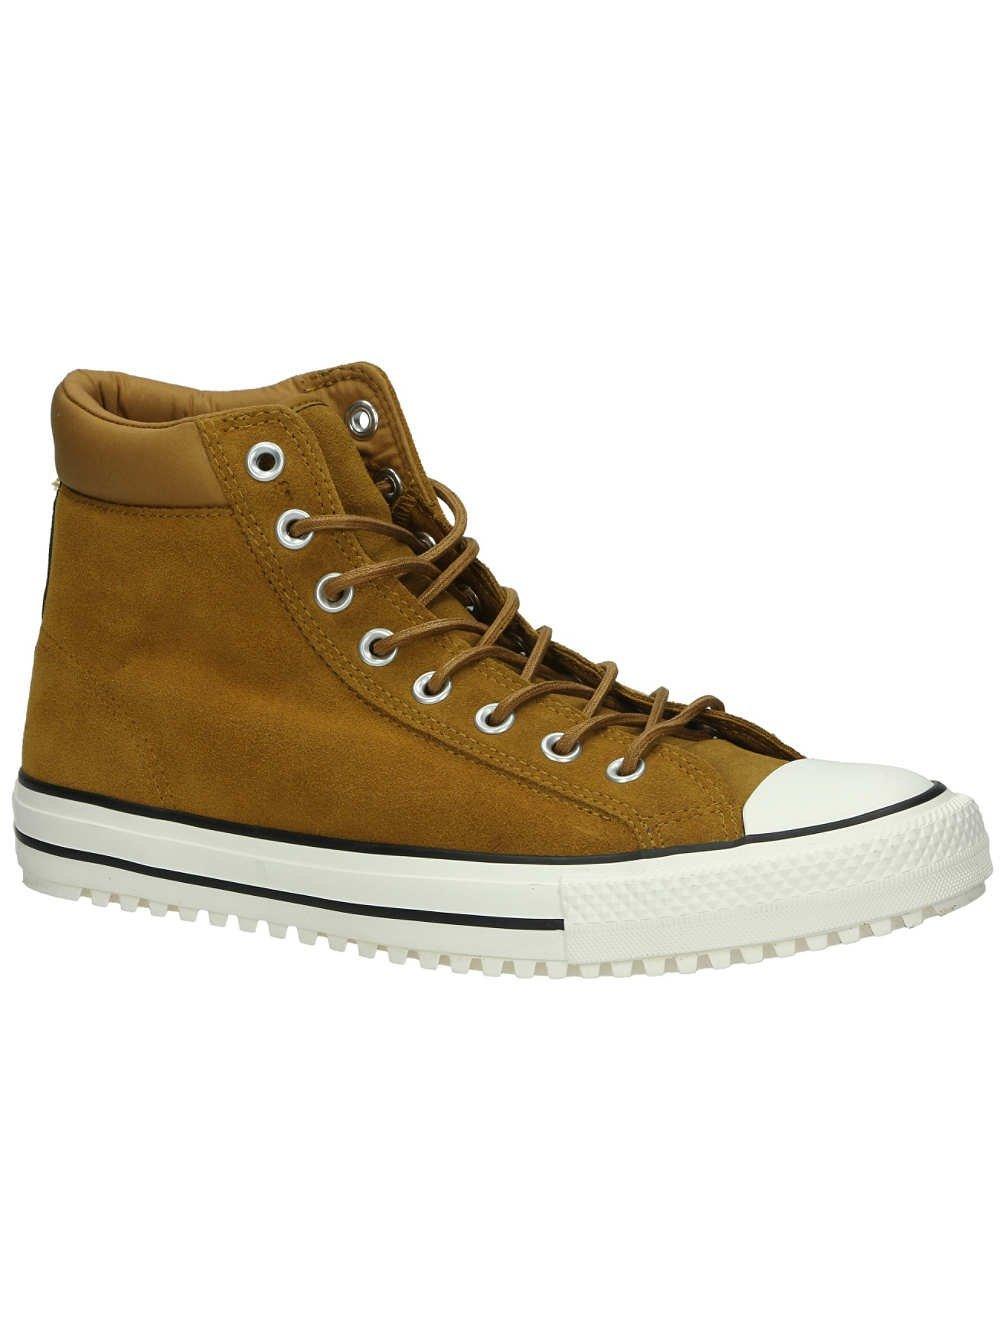 cac6604377 Converse Chuck Taylor All Star Converse PC Boot Hi Antiqued Egret Black  Men s Shoes